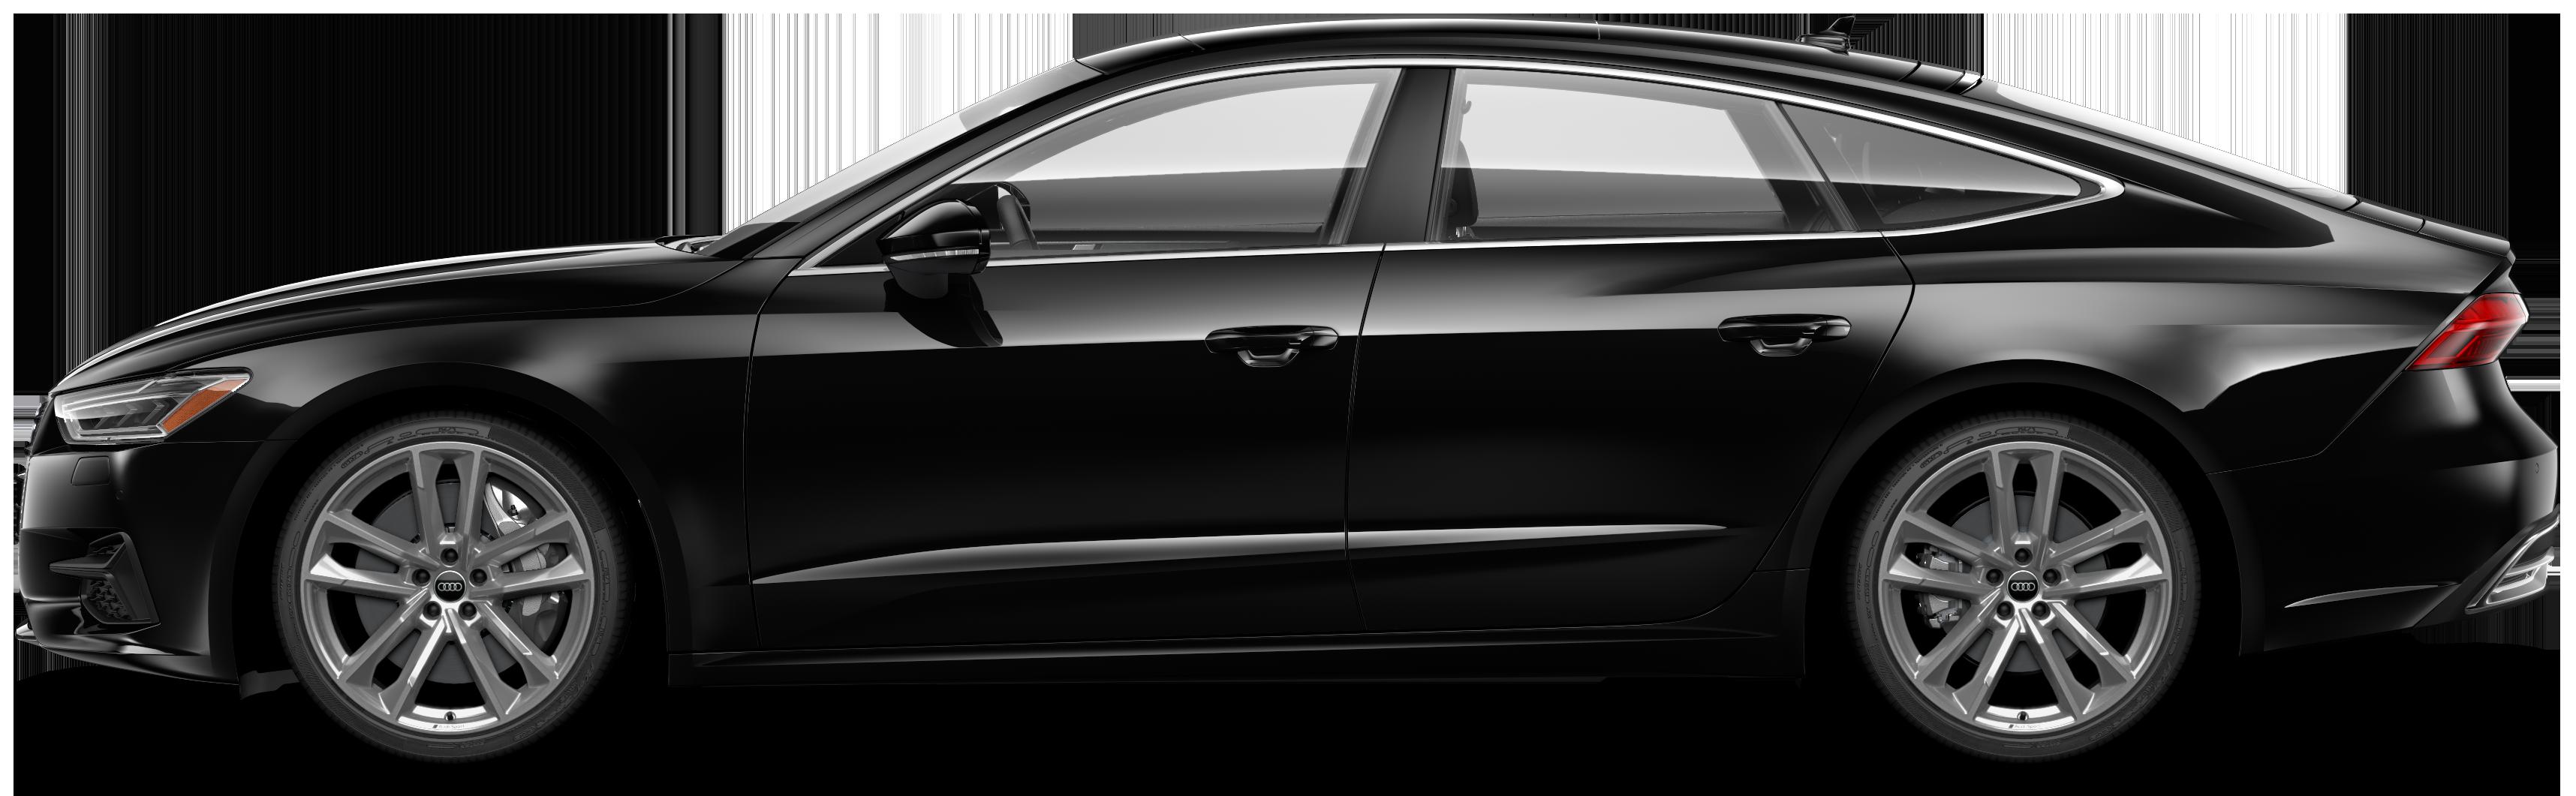 2021 Audi A7 Sportback 55 Premium